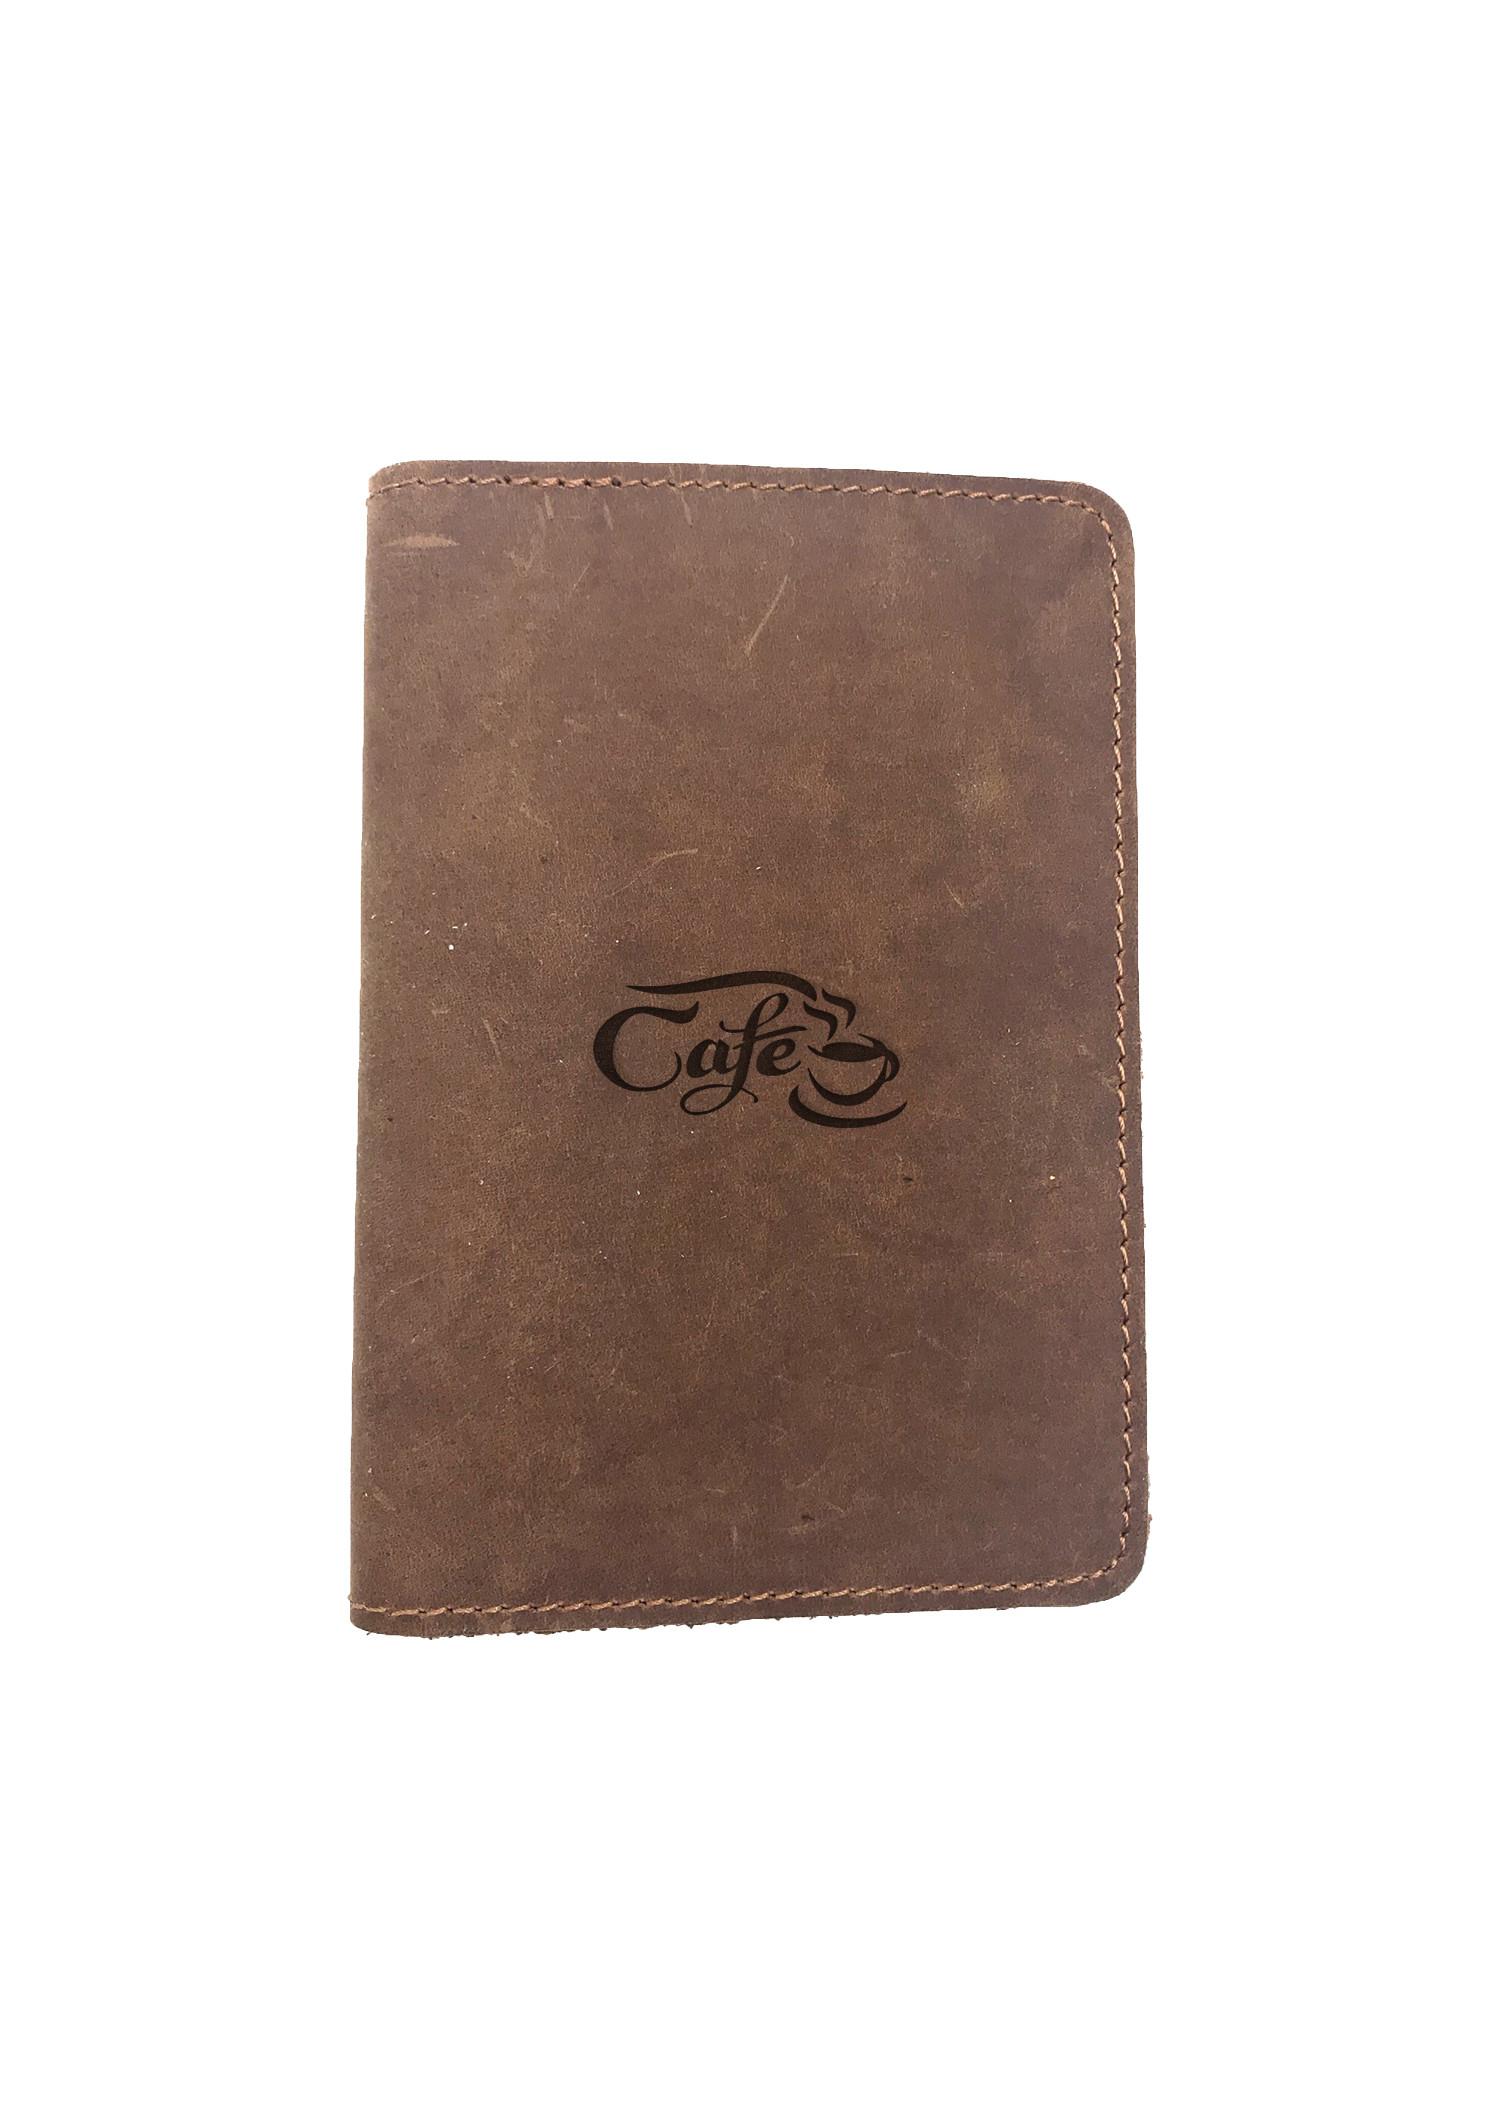 Passport Cover Bao Da Hộ Chiếu Da Sáp Khắc Hình Cà phê CAFE ICON SYMBOL (BROWN)